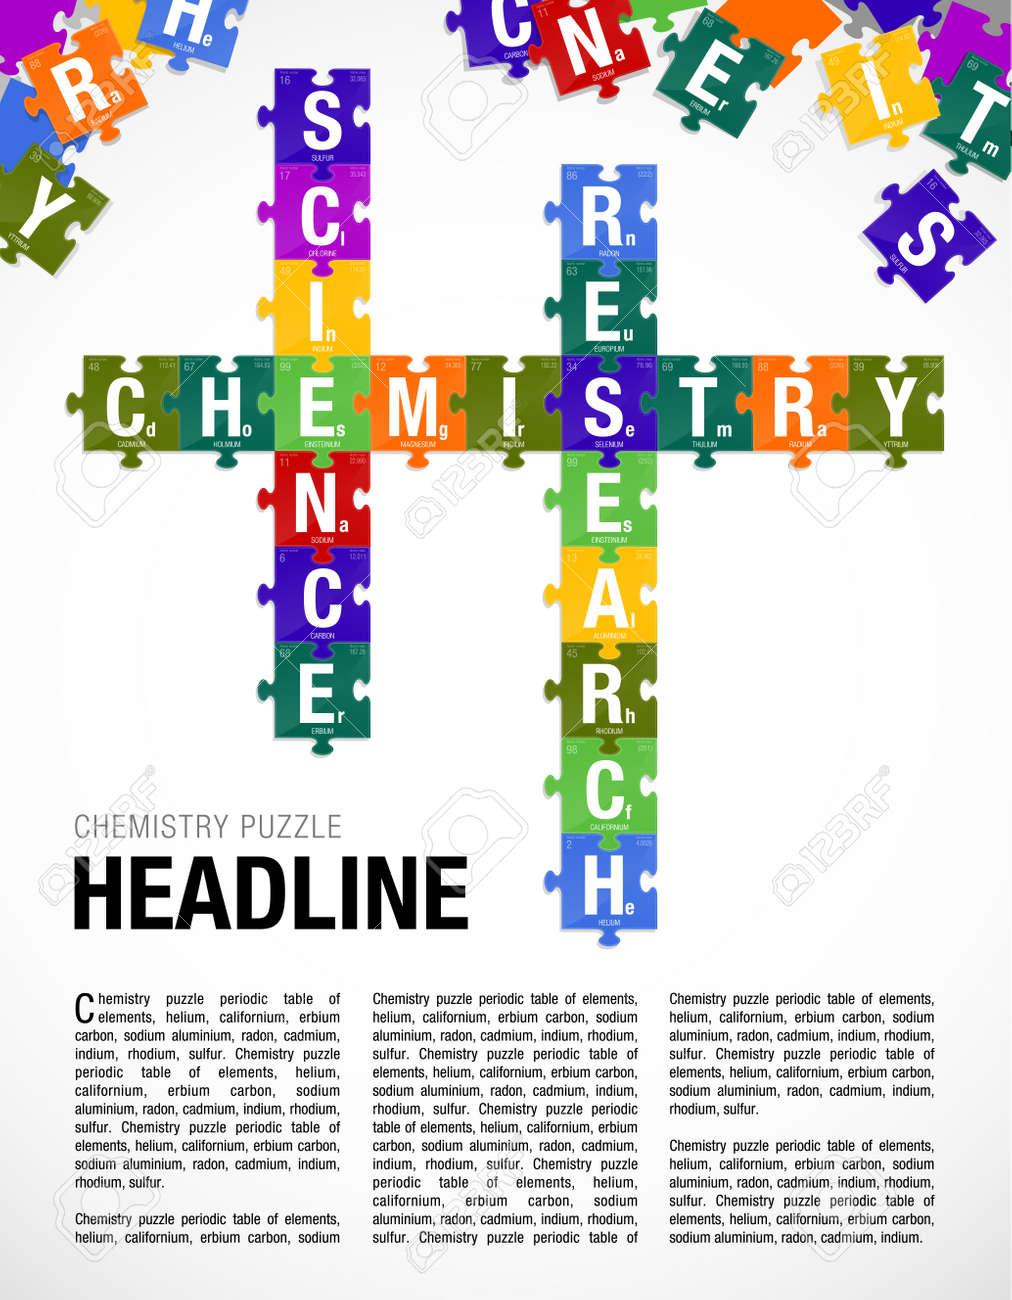 Palabras qumica ciencia investigacin formado por los smbolos de foto de archivo palabras qumica ciencia investigacin formado por los smbolos de la tabla peridica de los elementos en forma de piezas de un urtaz Choice Image